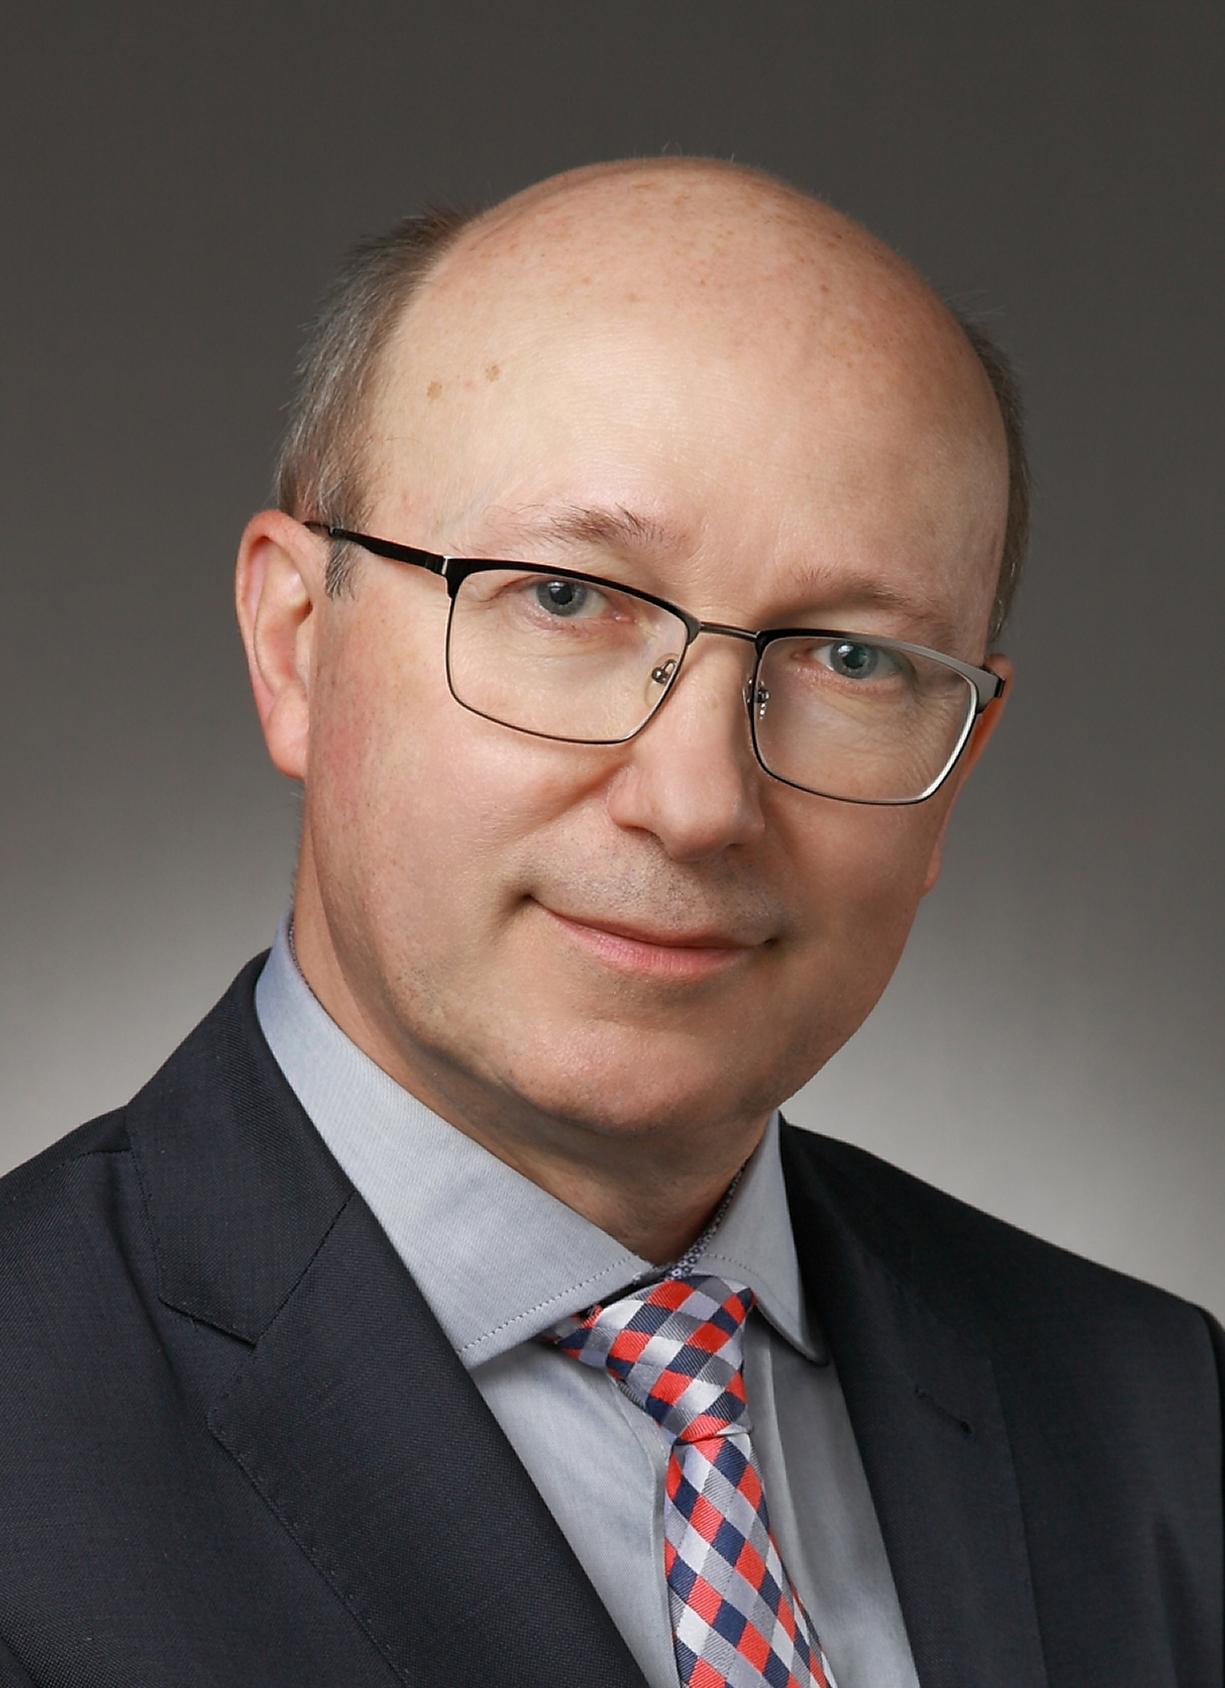 Zbigniew Kokosiński - Fotografia